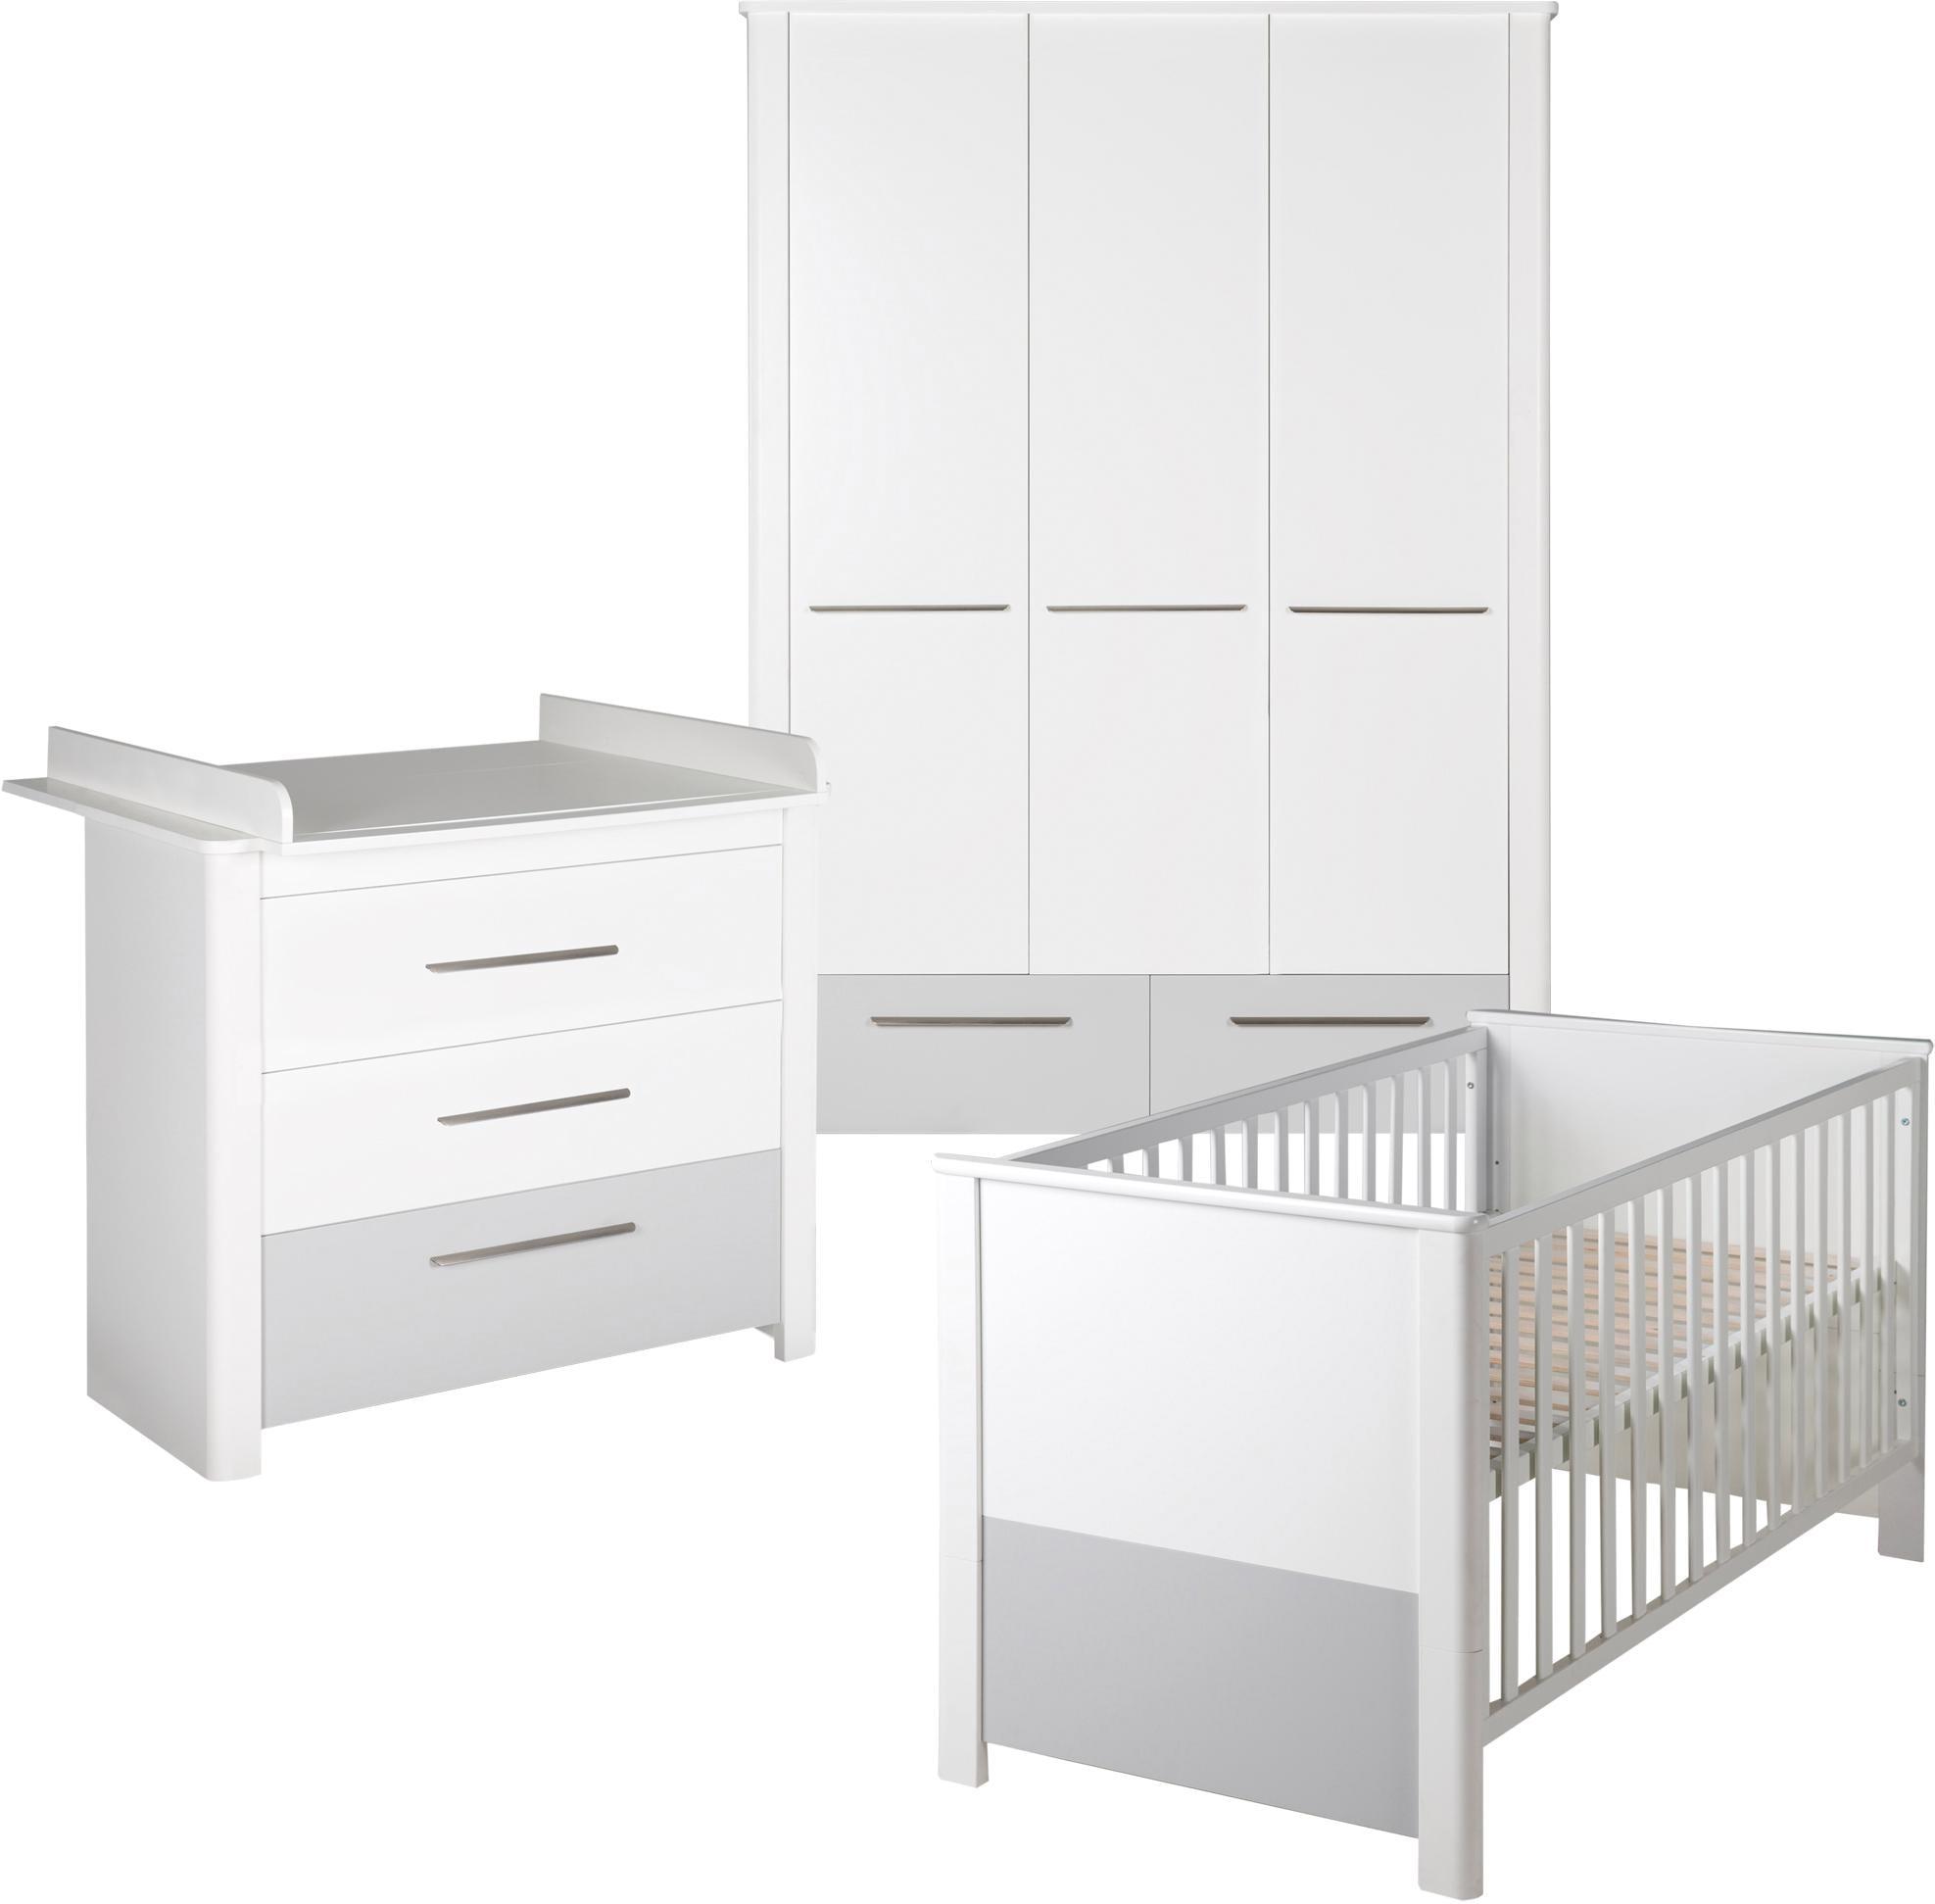 Roba wickeltisch preisvergleich die besten angebote online kaufen - Roba babyzimmer ...